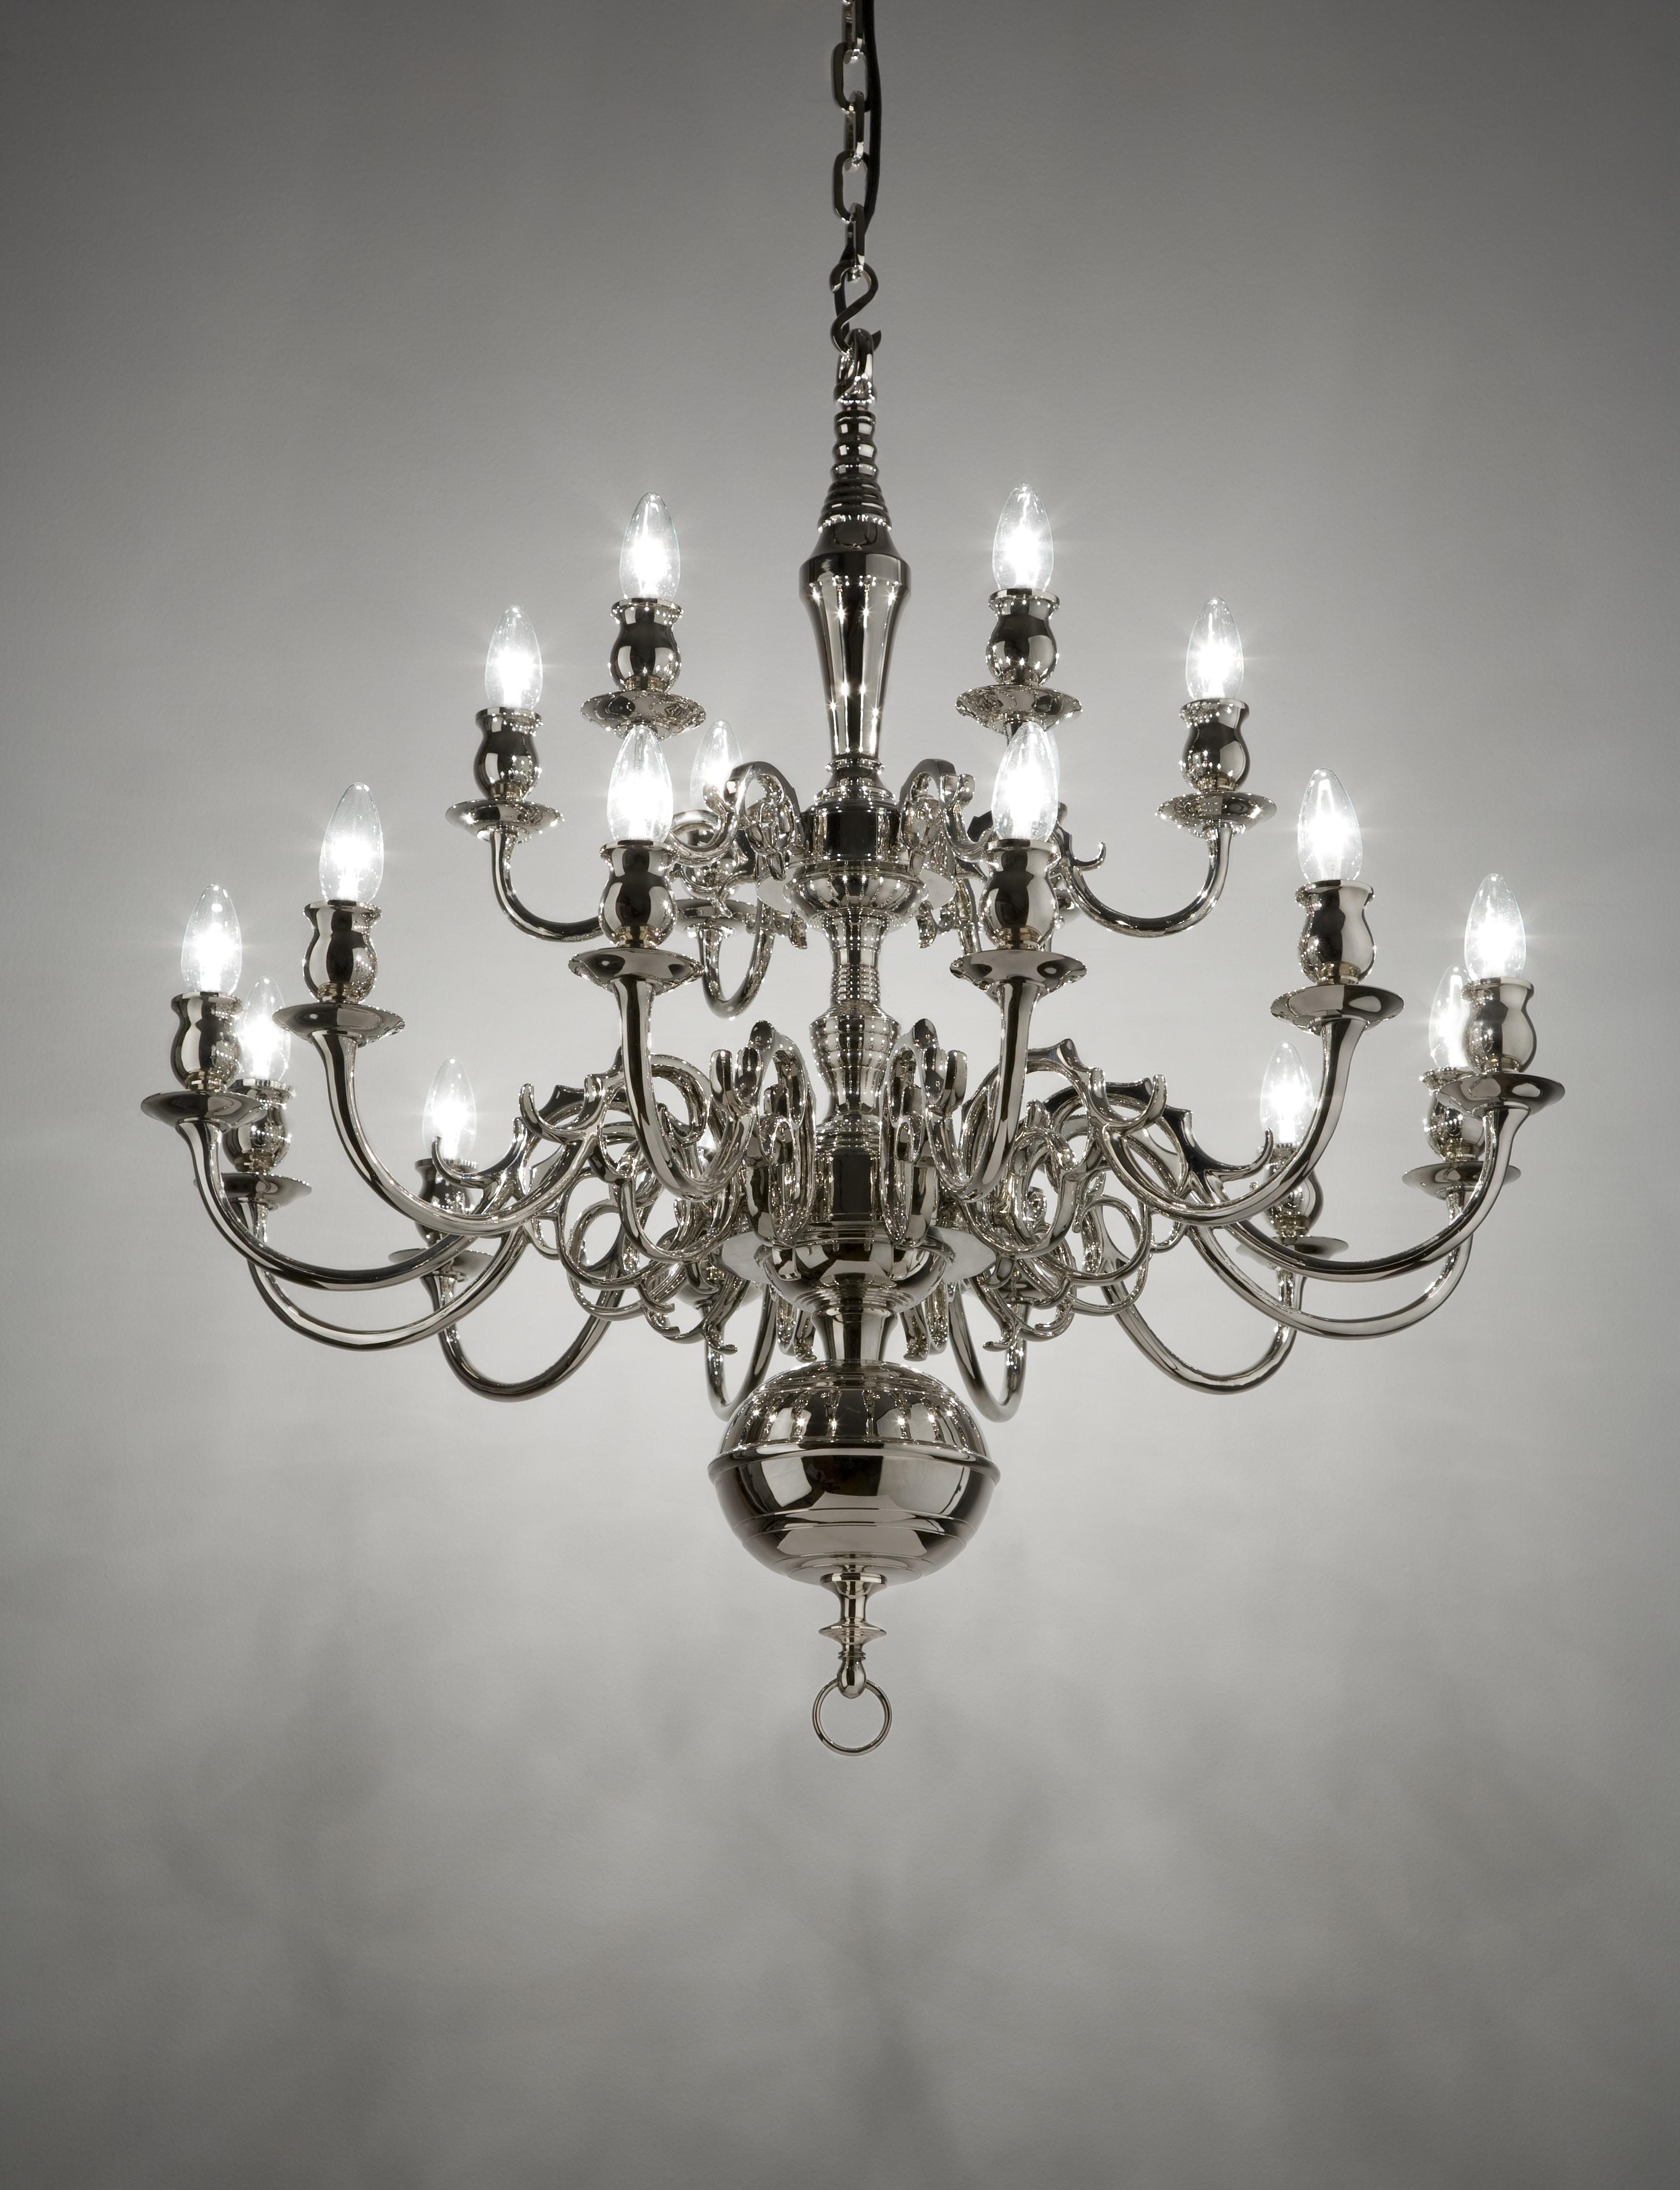 Jan-Best-kroonluchter-hanglamp-chroom-messing-nostalgische-verlichting-klassieke-verlichting-horeca-verlichting-aalsmeer